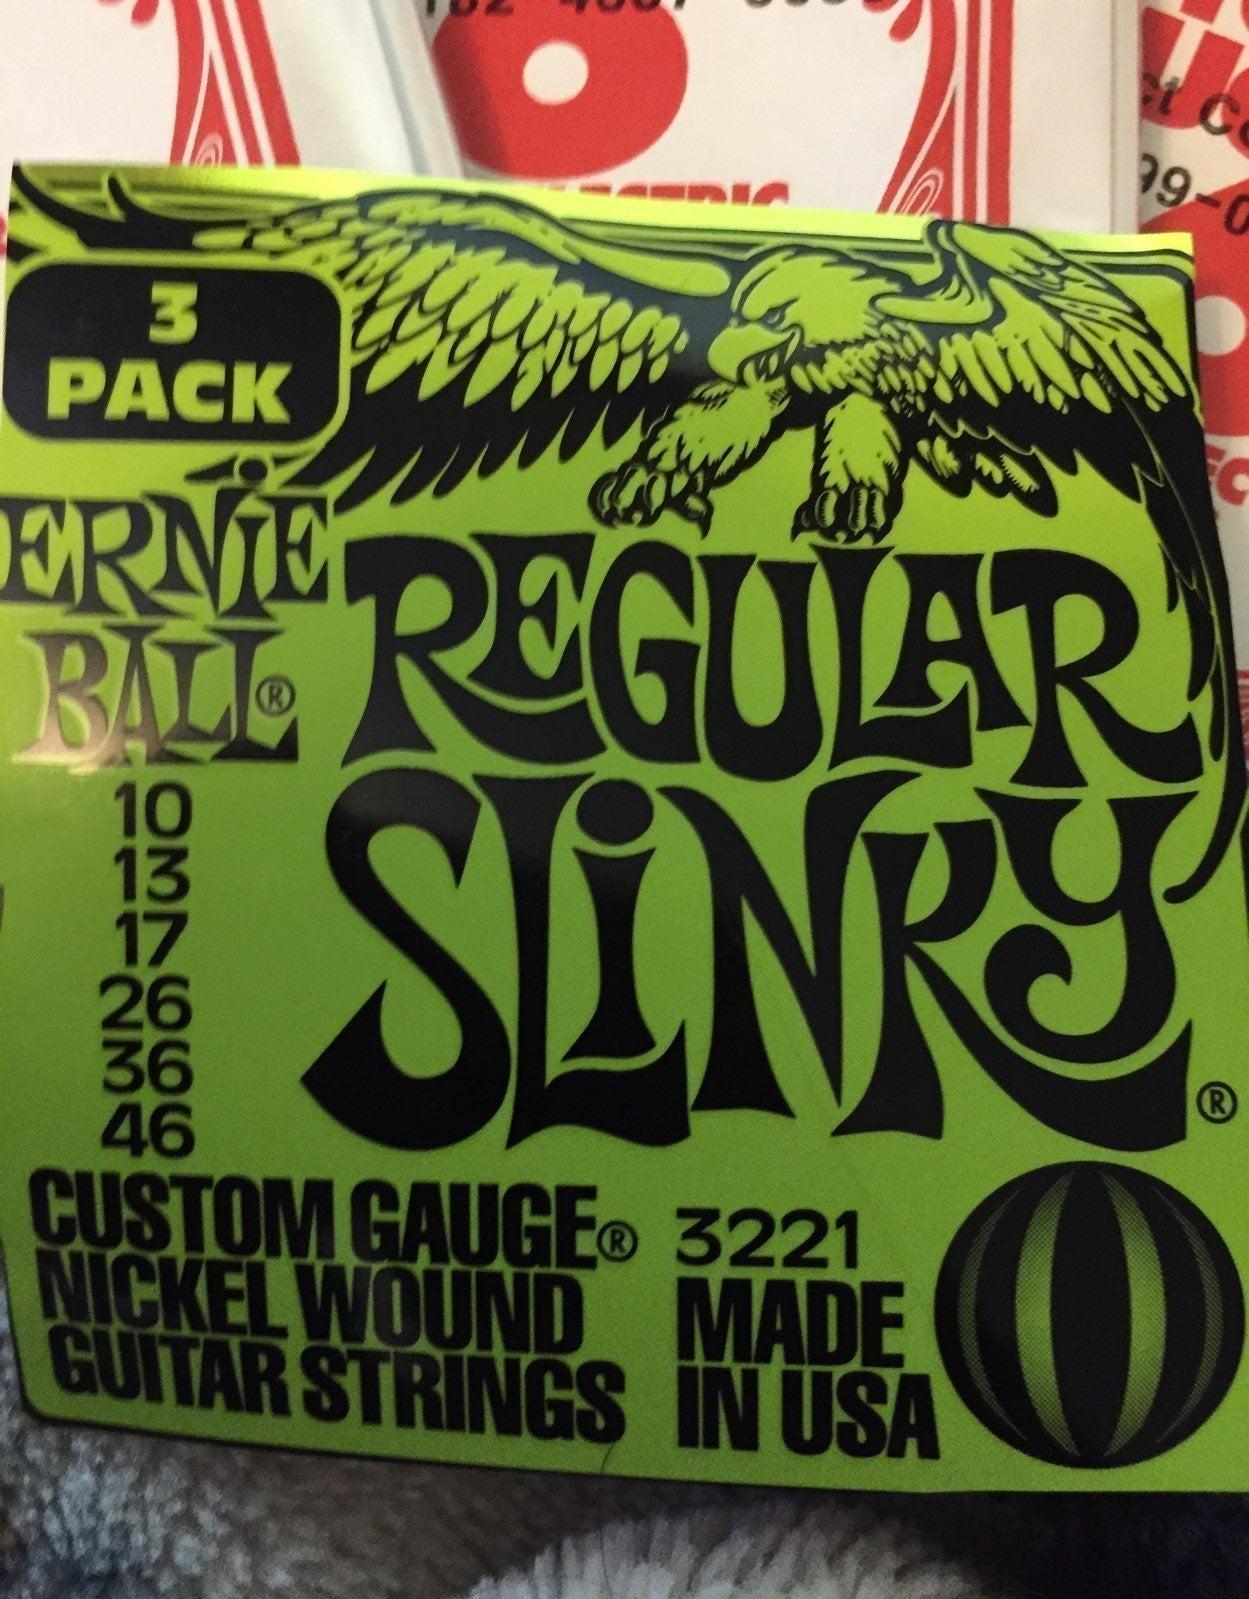 3 full sets of Ernie Ball strings